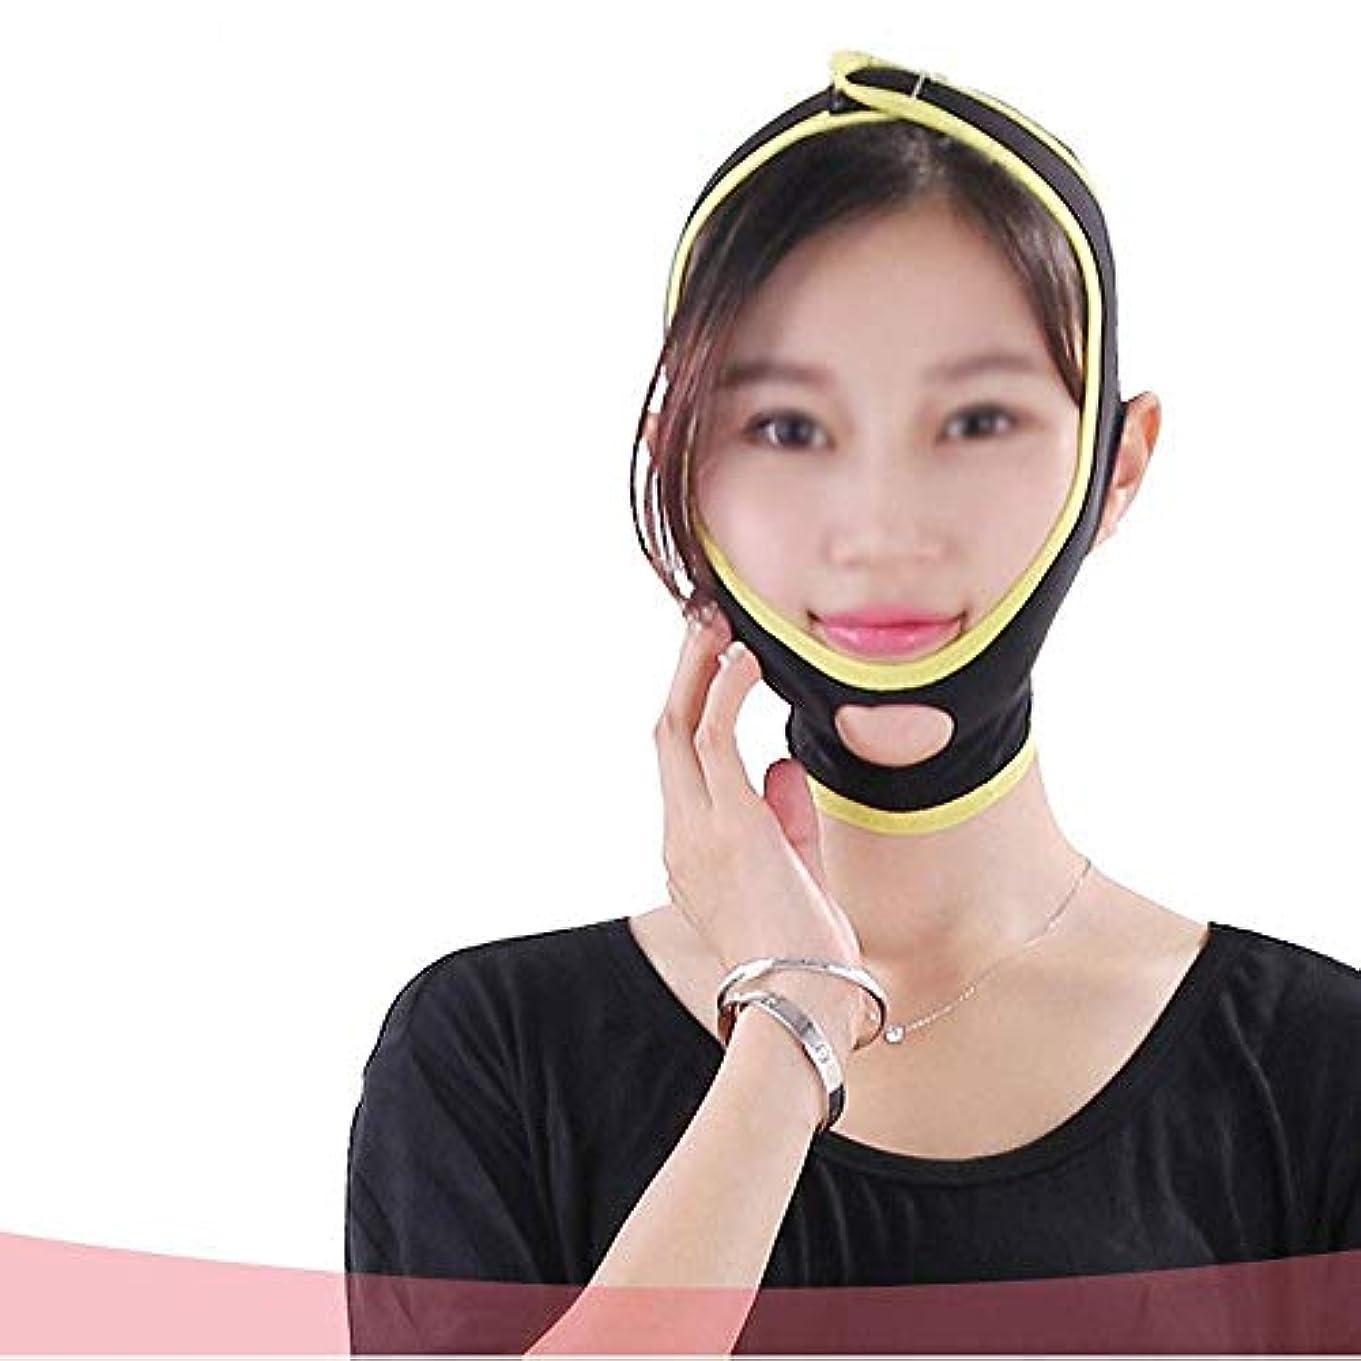 つぼみ試験元気睡眠用フェイスマスク、薄い顔の包帯、小さな顔Vの顔、薄い顔、フェイスリフト付きの顔(サイズ:L)